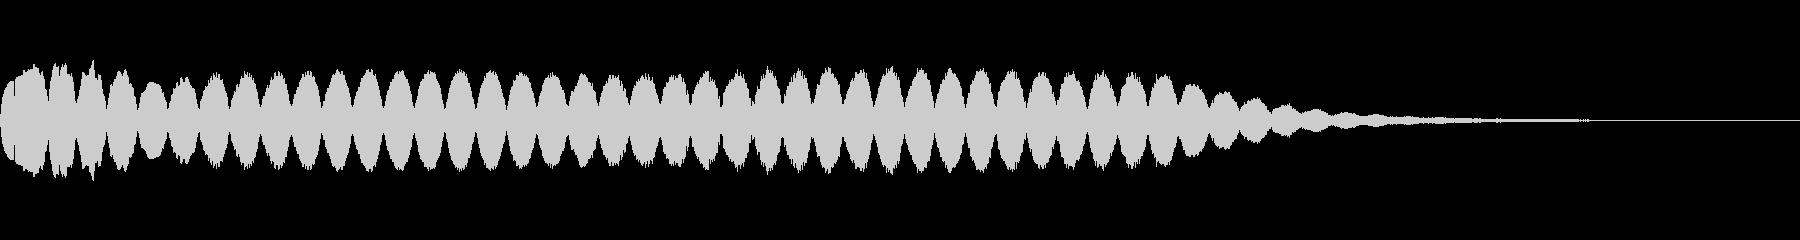 キュイン ギュイン 光る フラッシュ06の未再生の波形